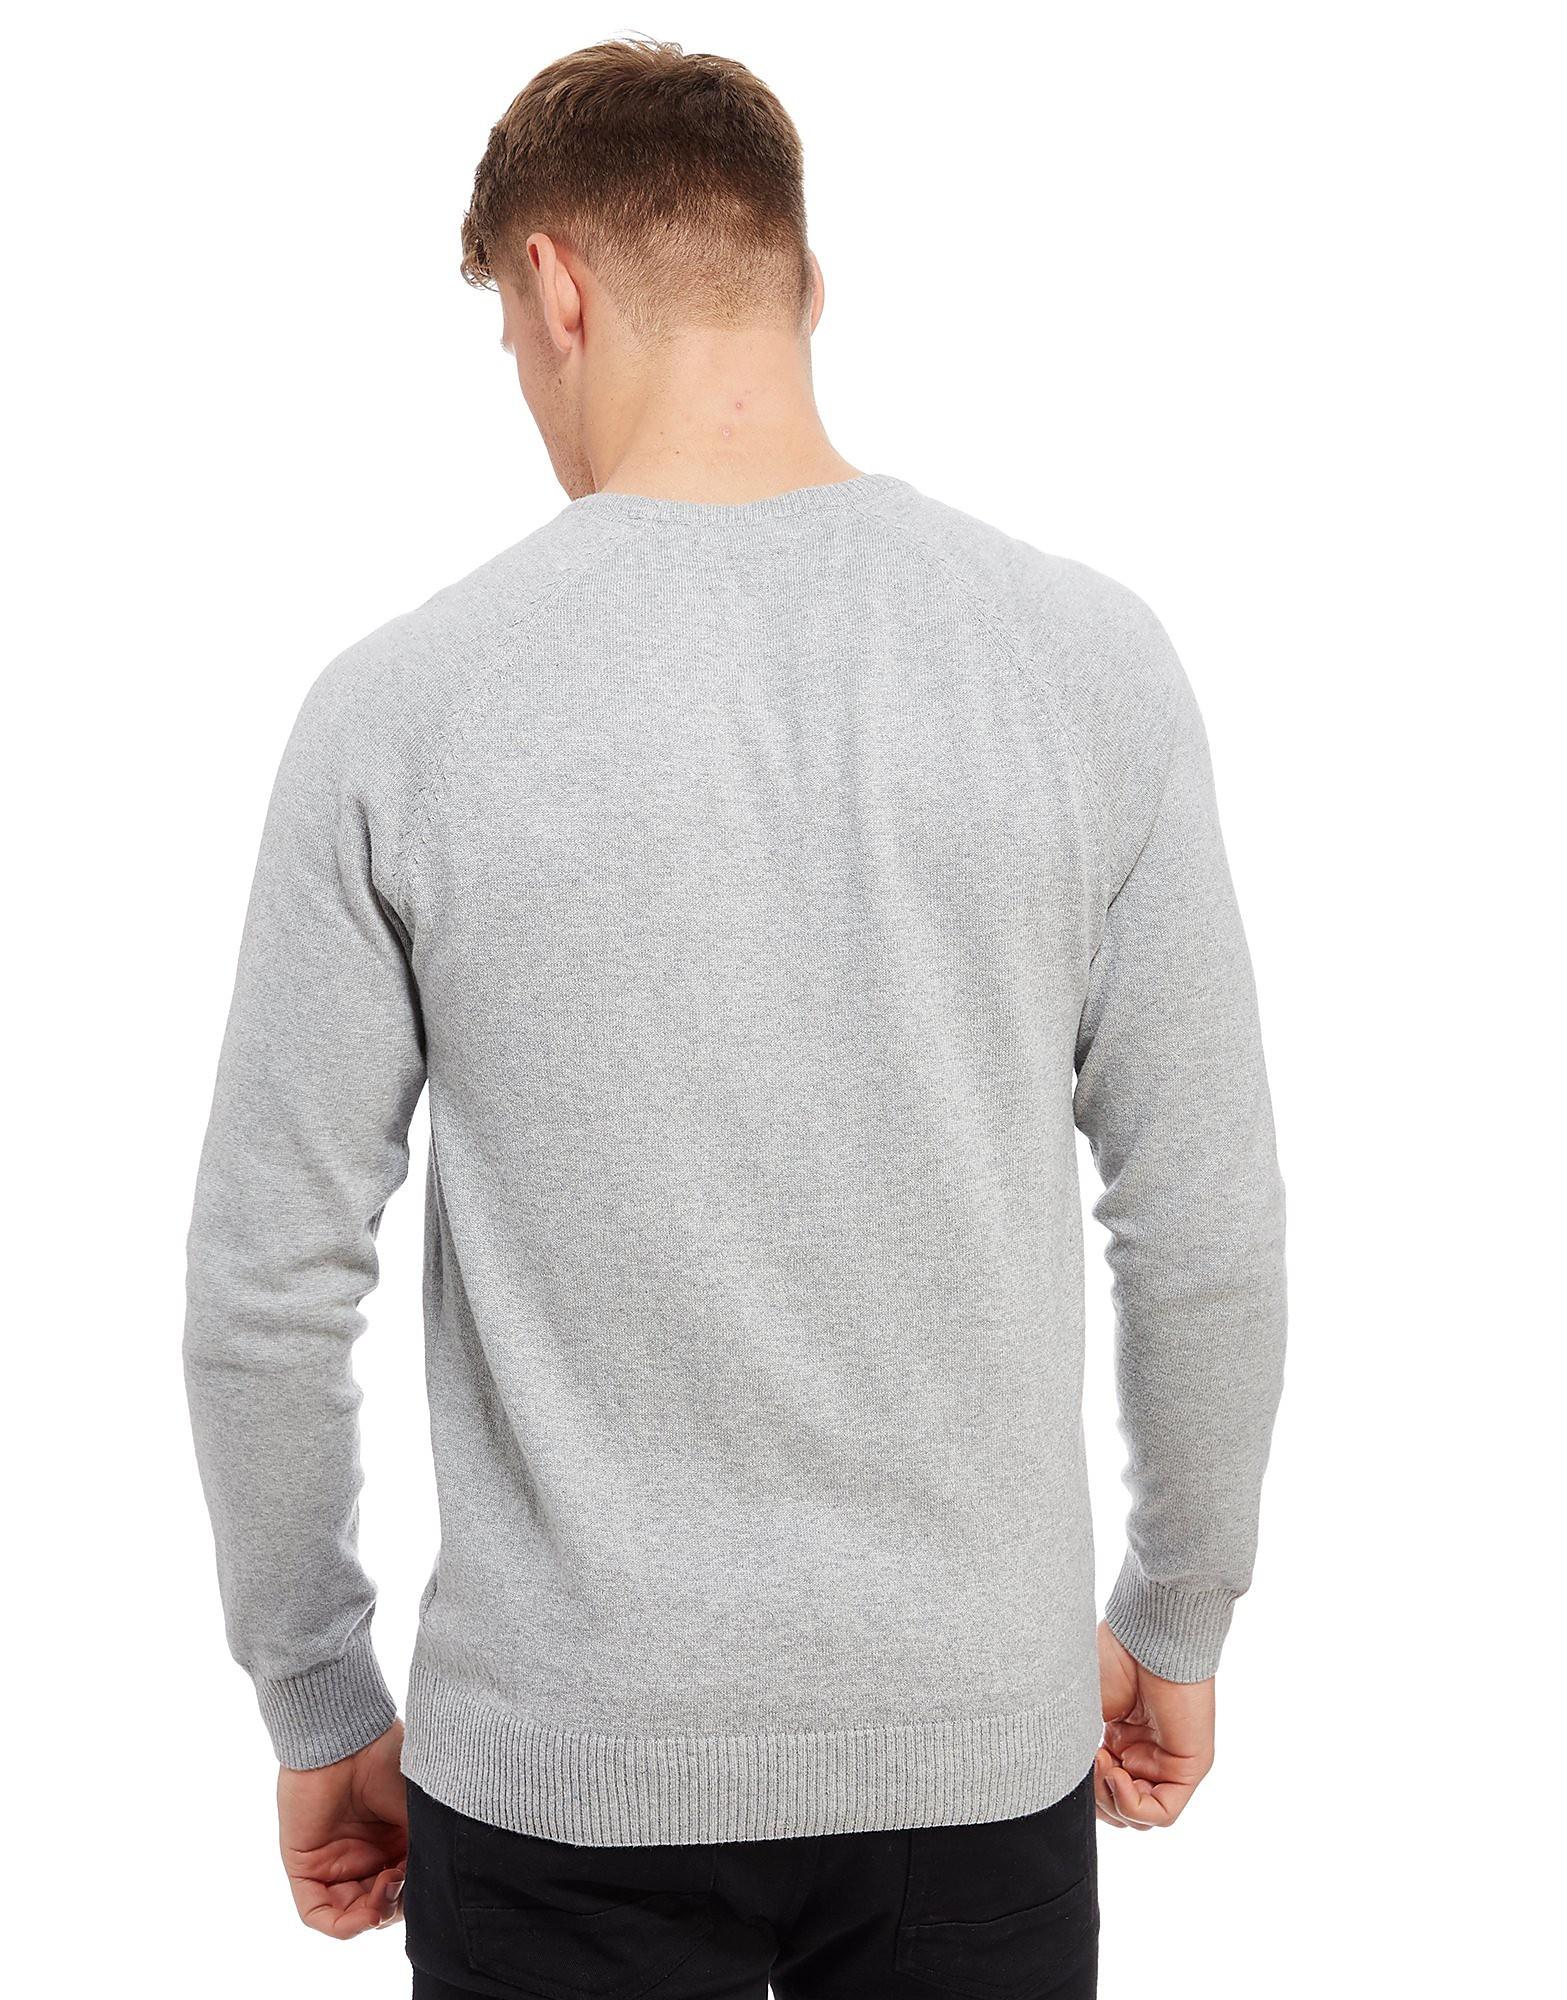 Original Penguin Crew Neck Sweater